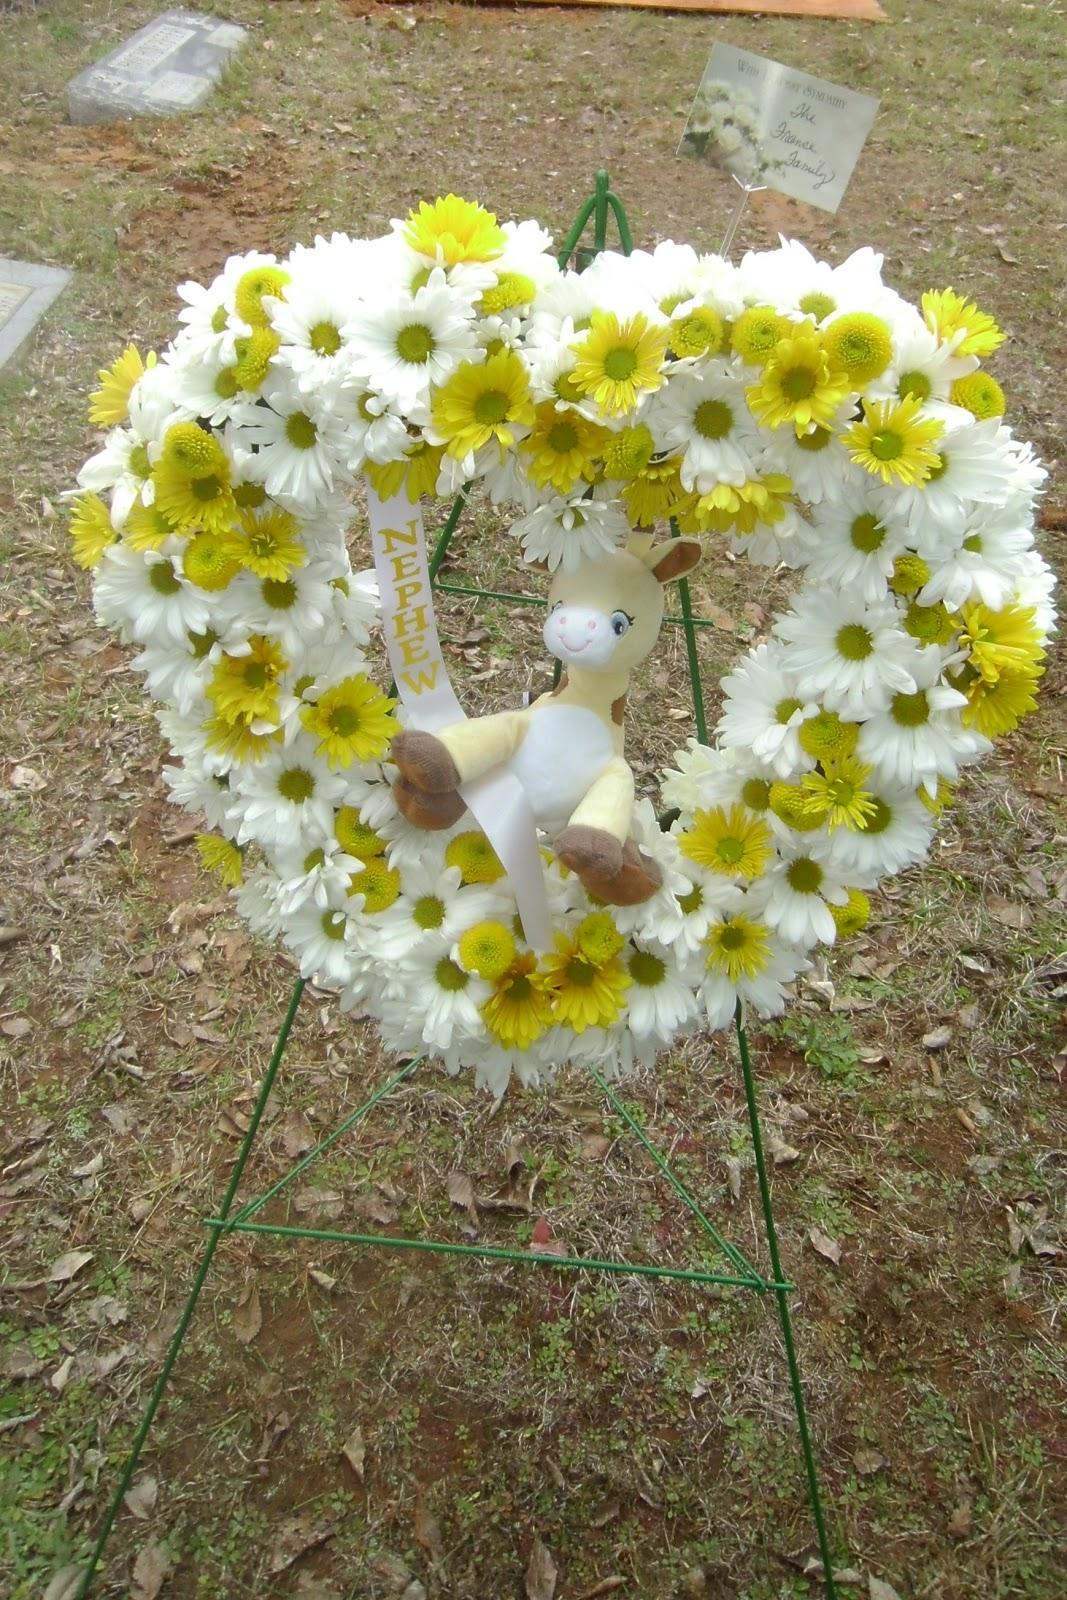 Stillborn Still Loved Flowers For His Funeral